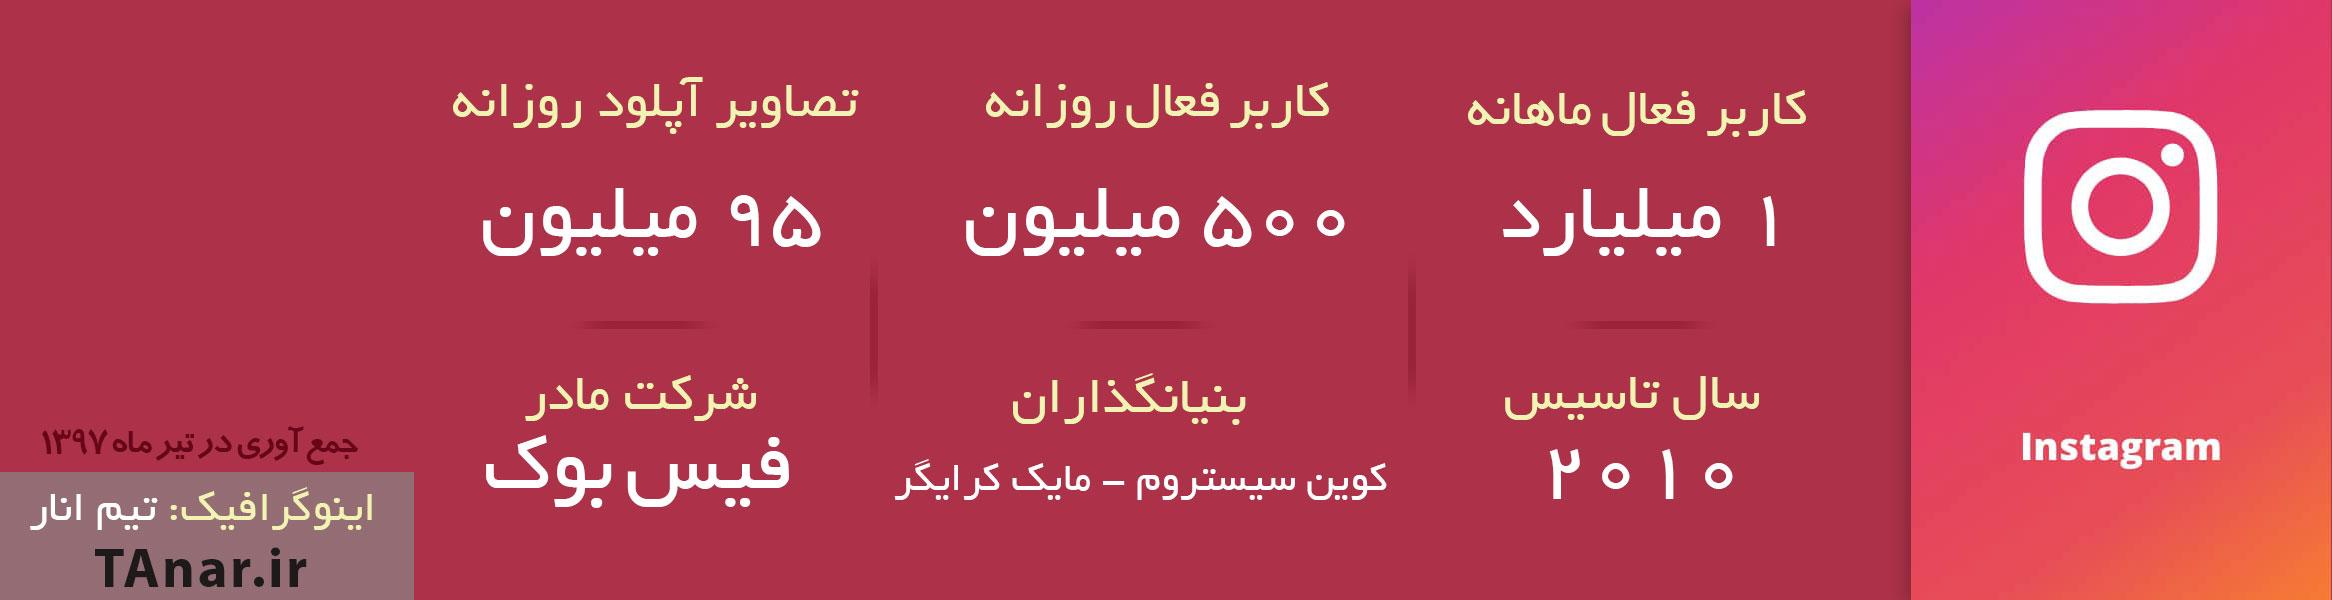 اینوفگرافیک آمار از اینستاگرام در سال 1397 - تیم انار